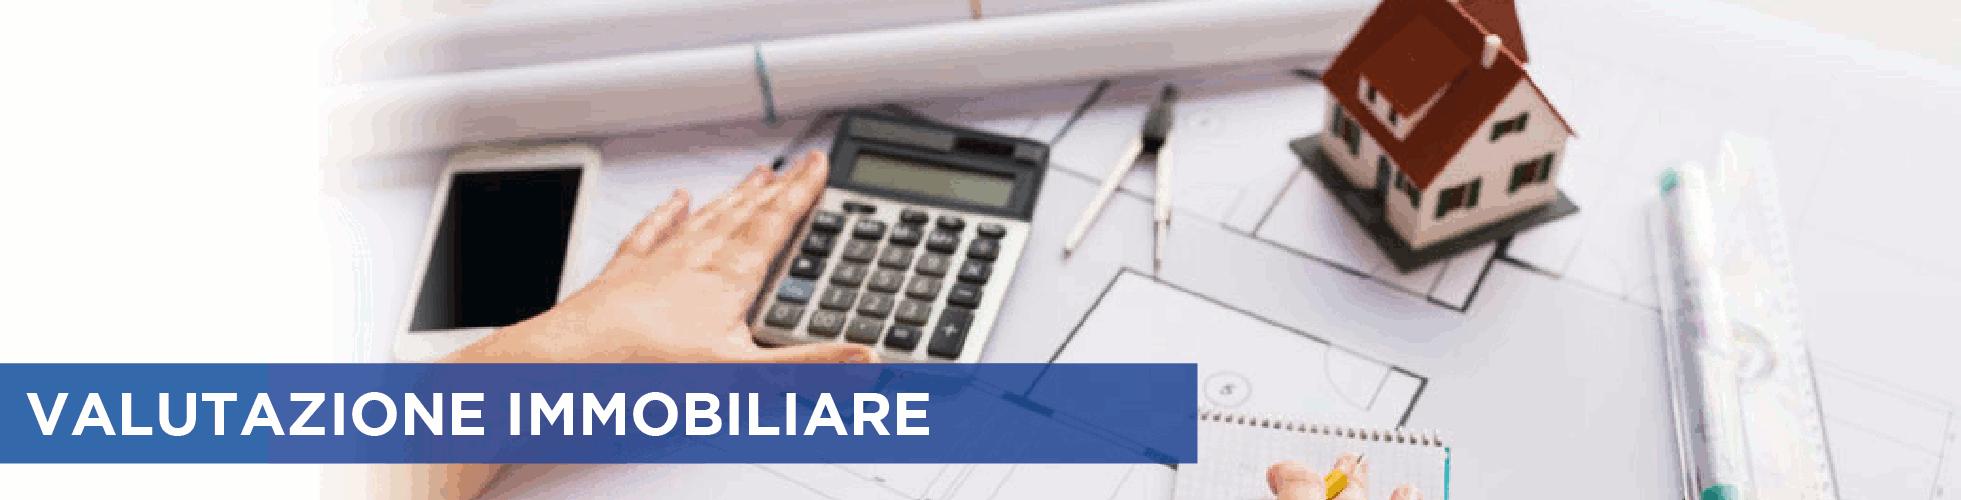 Giusta valutazione immobiliare casa Remax Area Ostia